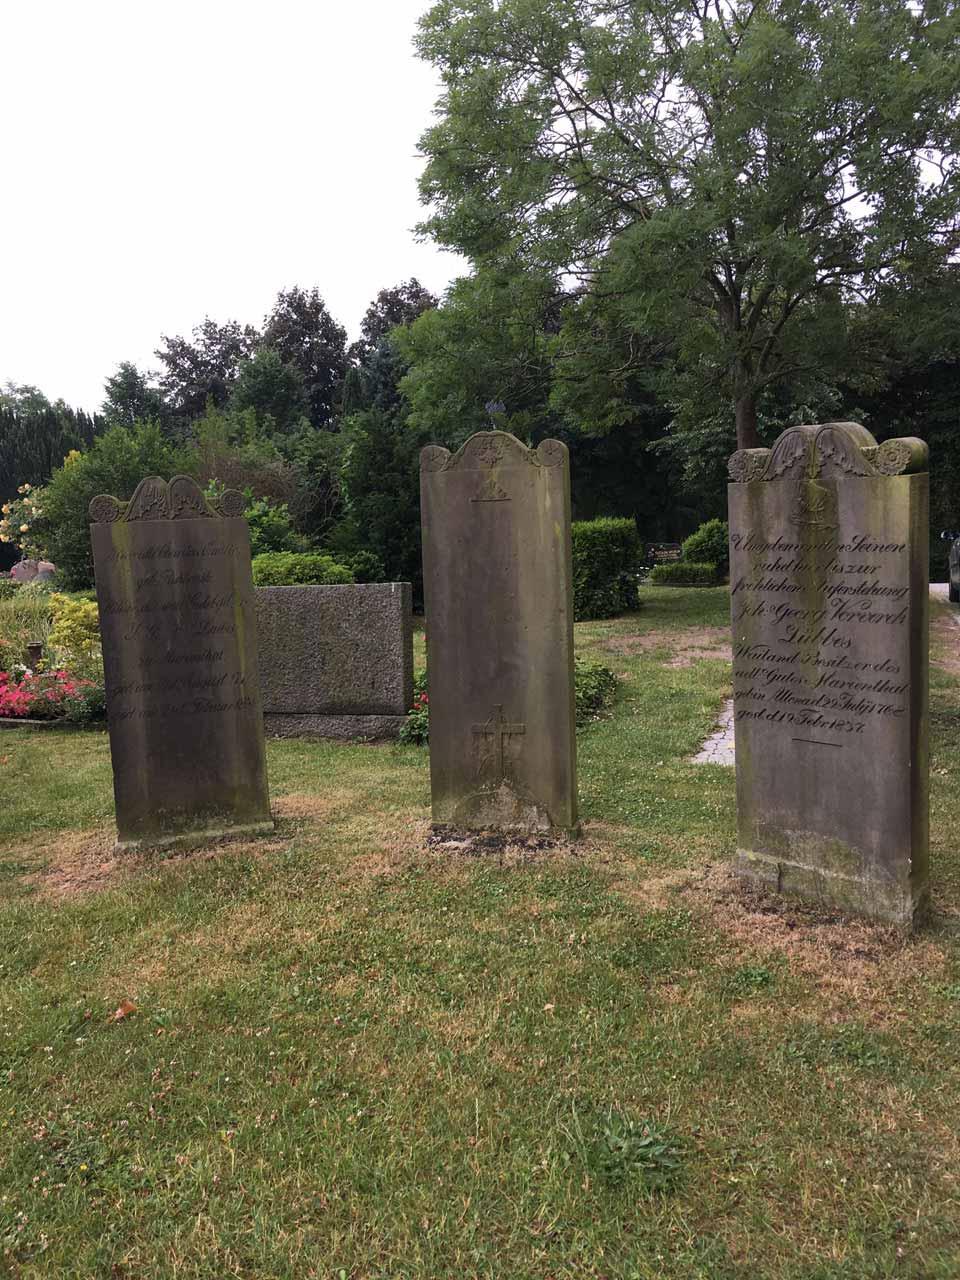 Grabsteine auf dem Friedhof von Eckernförde